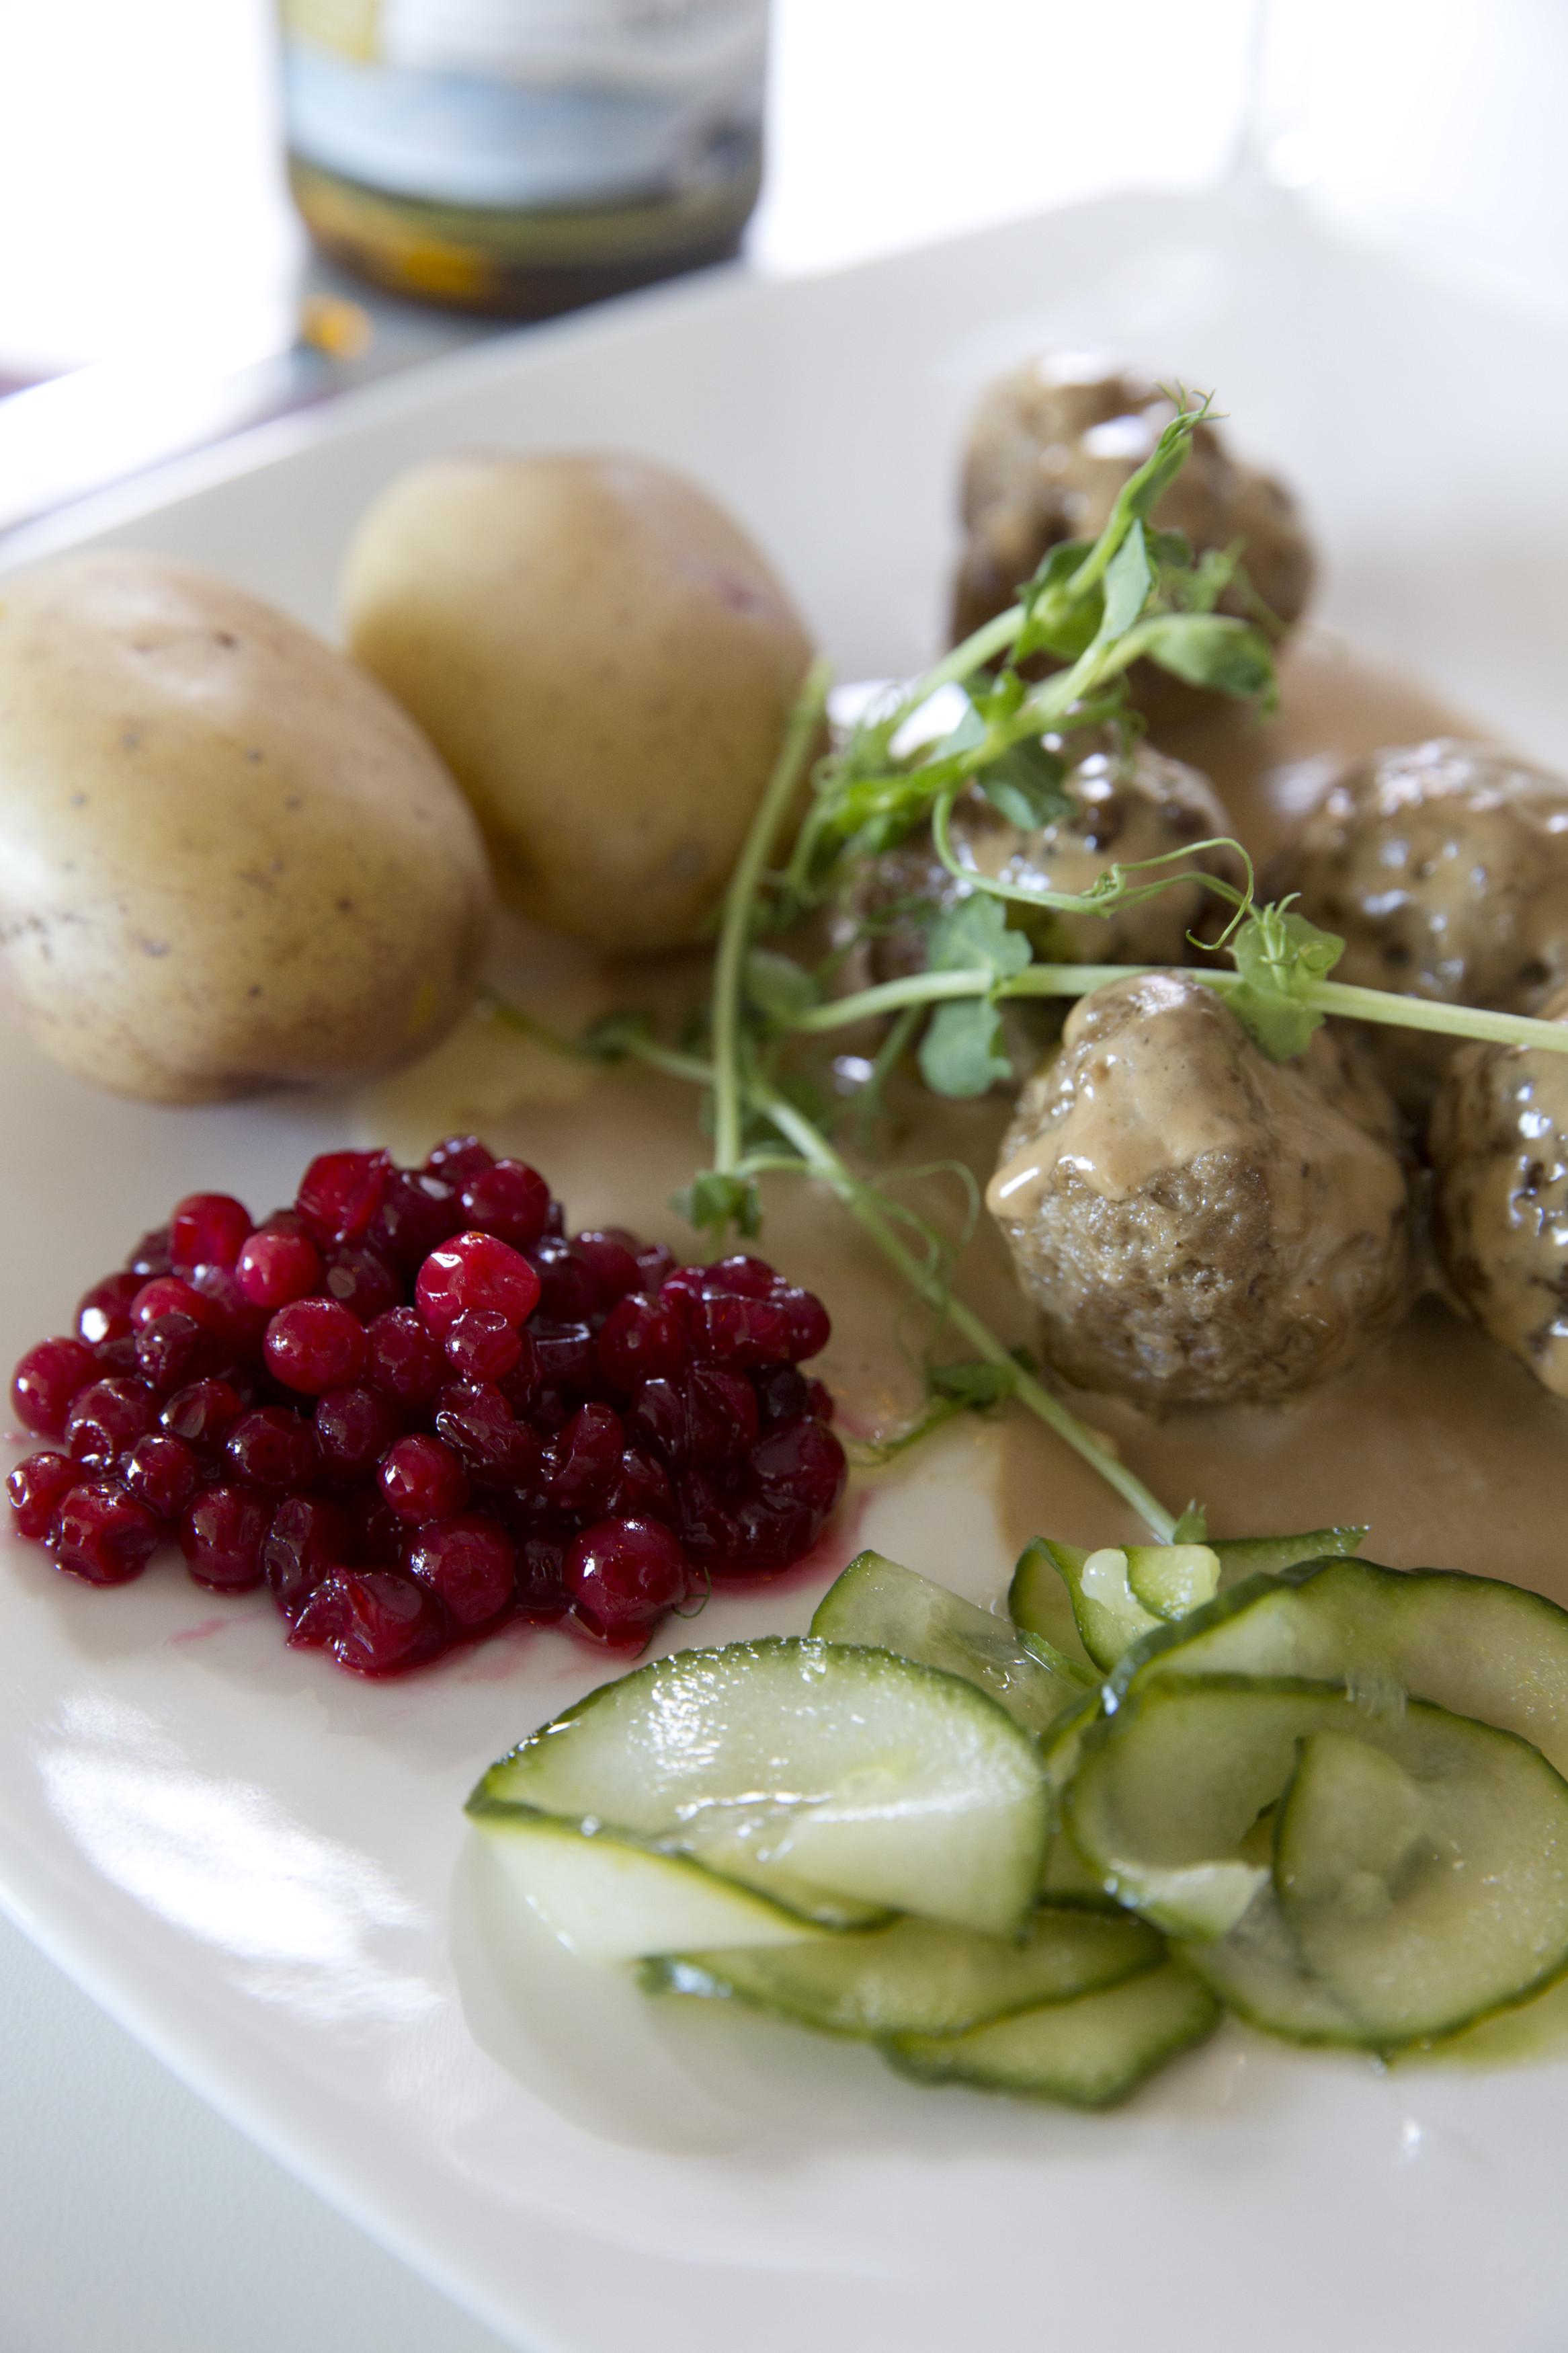 Las patatas hervidas con eneldo son otro plato habitual en la celebración del solsticio.